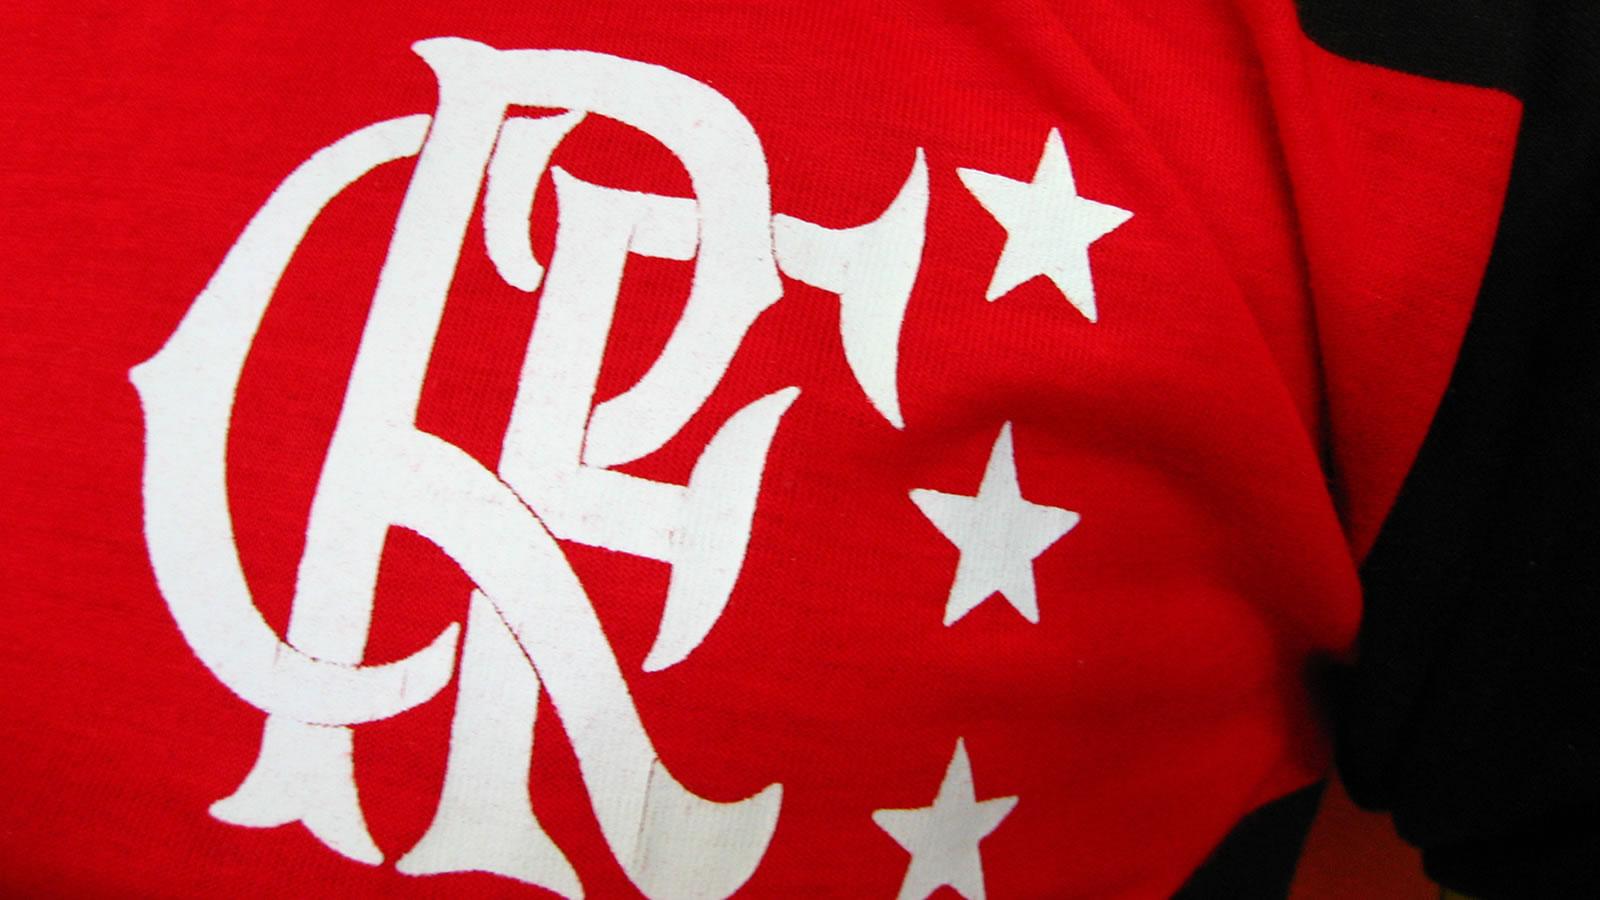 http://1.bp.blogspot.com/-zb-zHjBsqTk/UOYaoCVjDQI/AAAAAAABGLw/s4D_Gq2jFA0/s1600/wallpaper-+Flamengo+-wallpaper.jpg